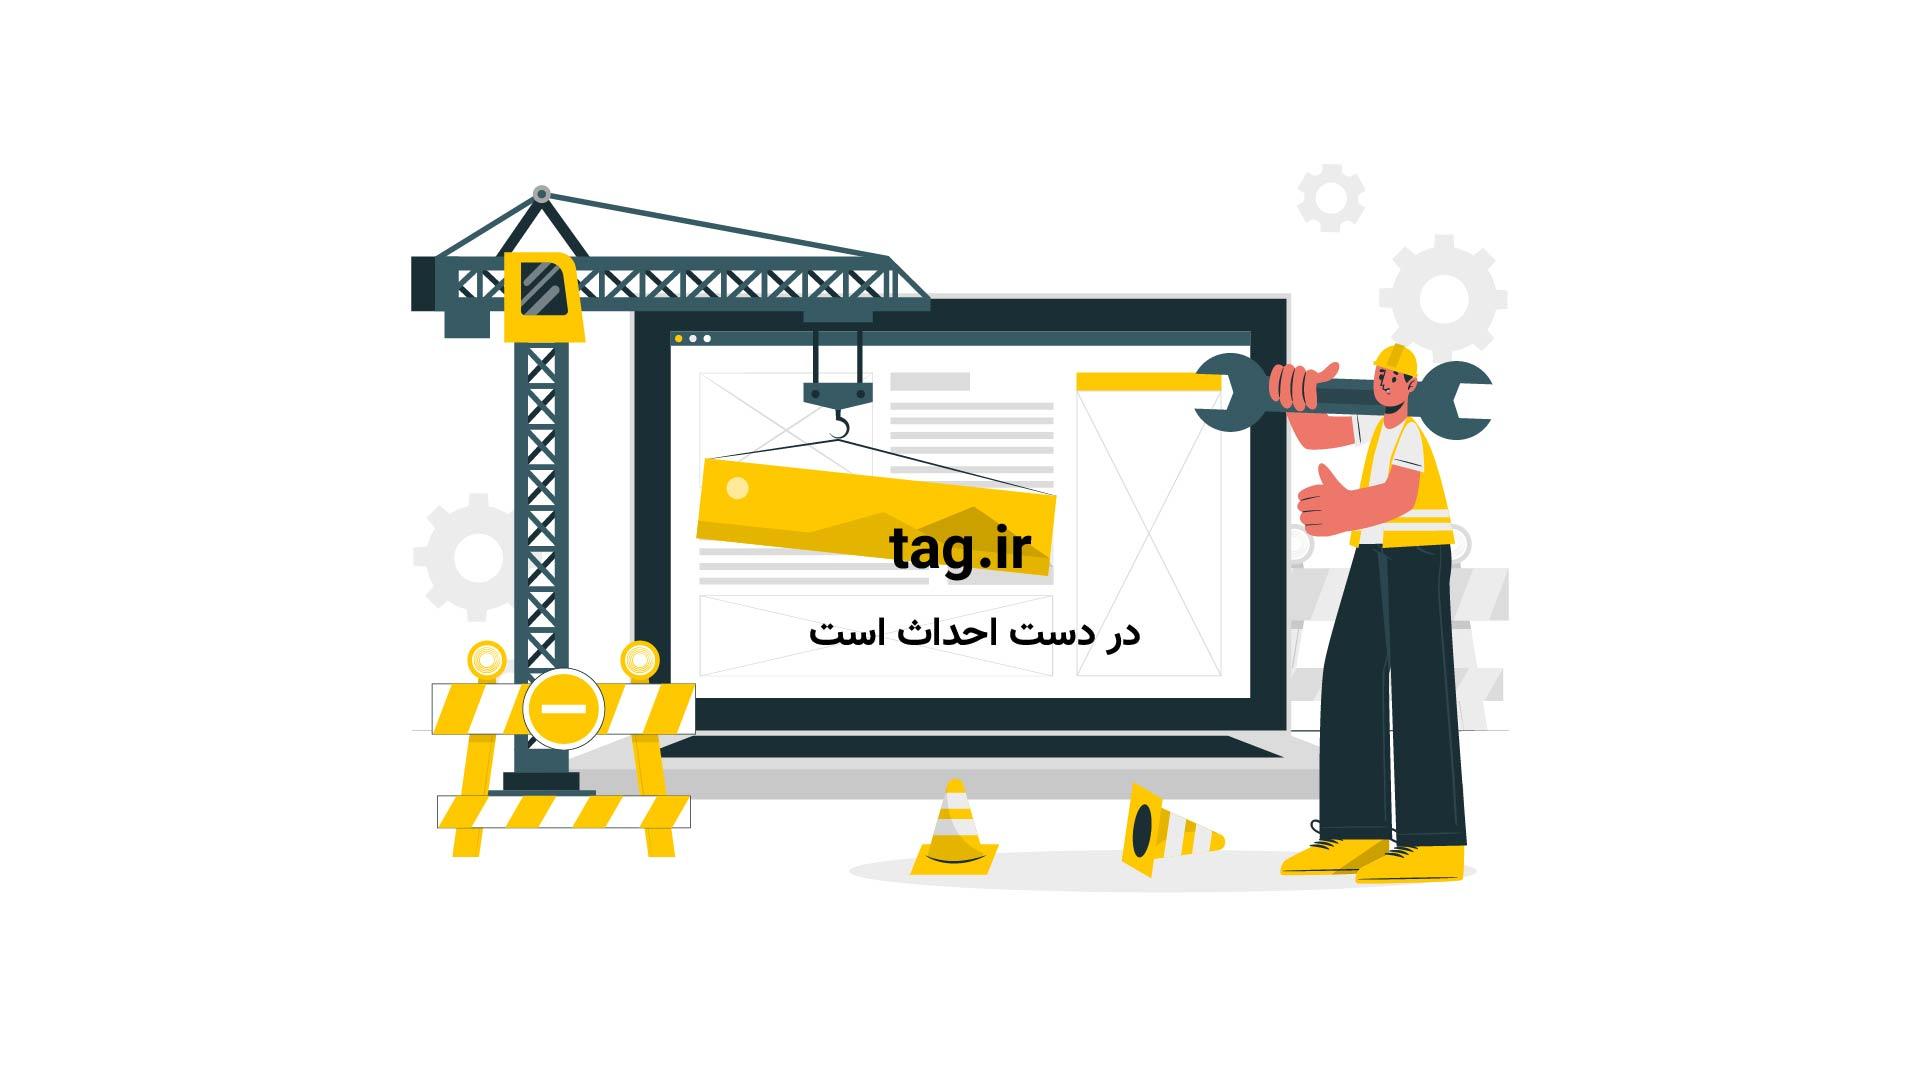 ربات | تگ